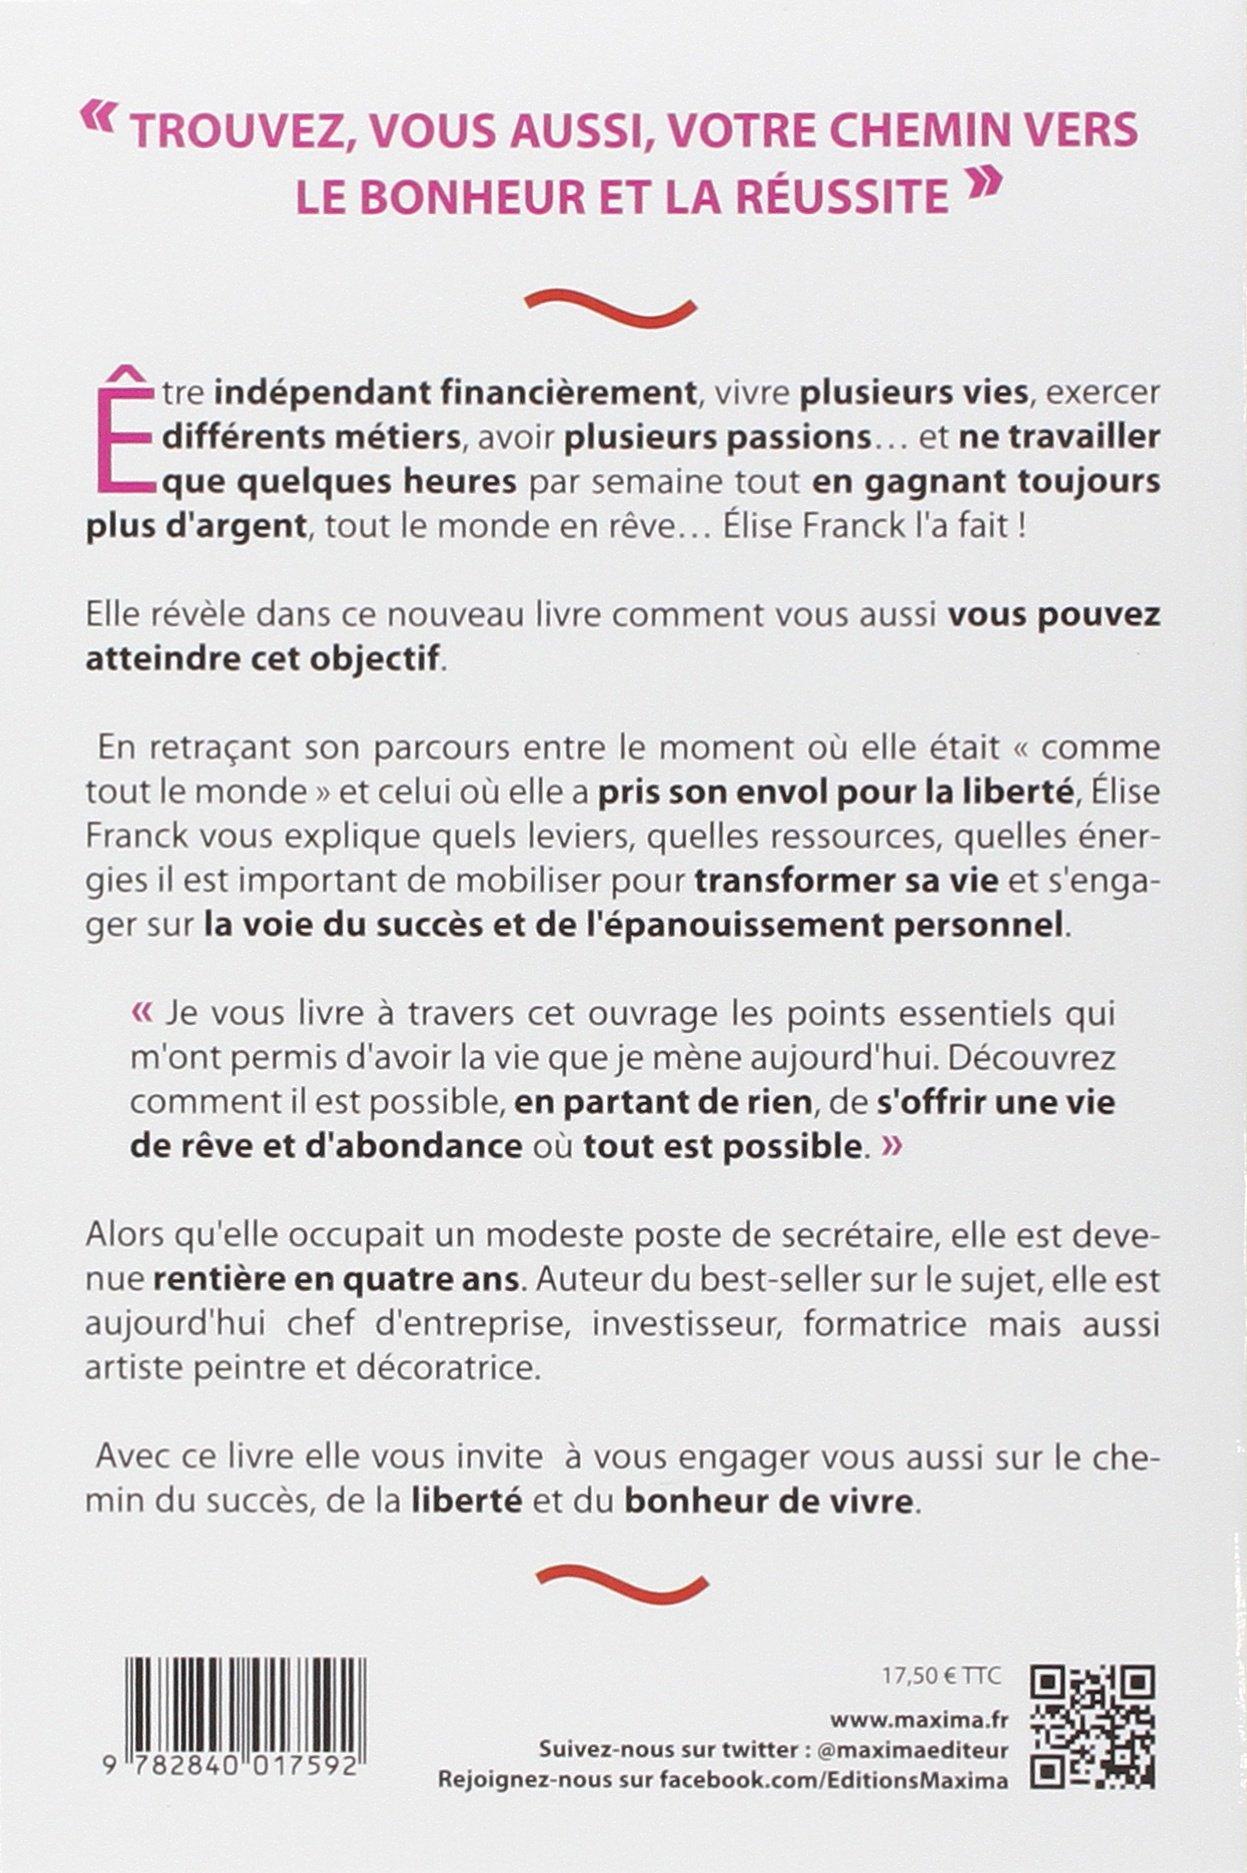 Mon chemin vers la réussite: Amazon.es: Elise Franck: Libros en idiomas extranjeros